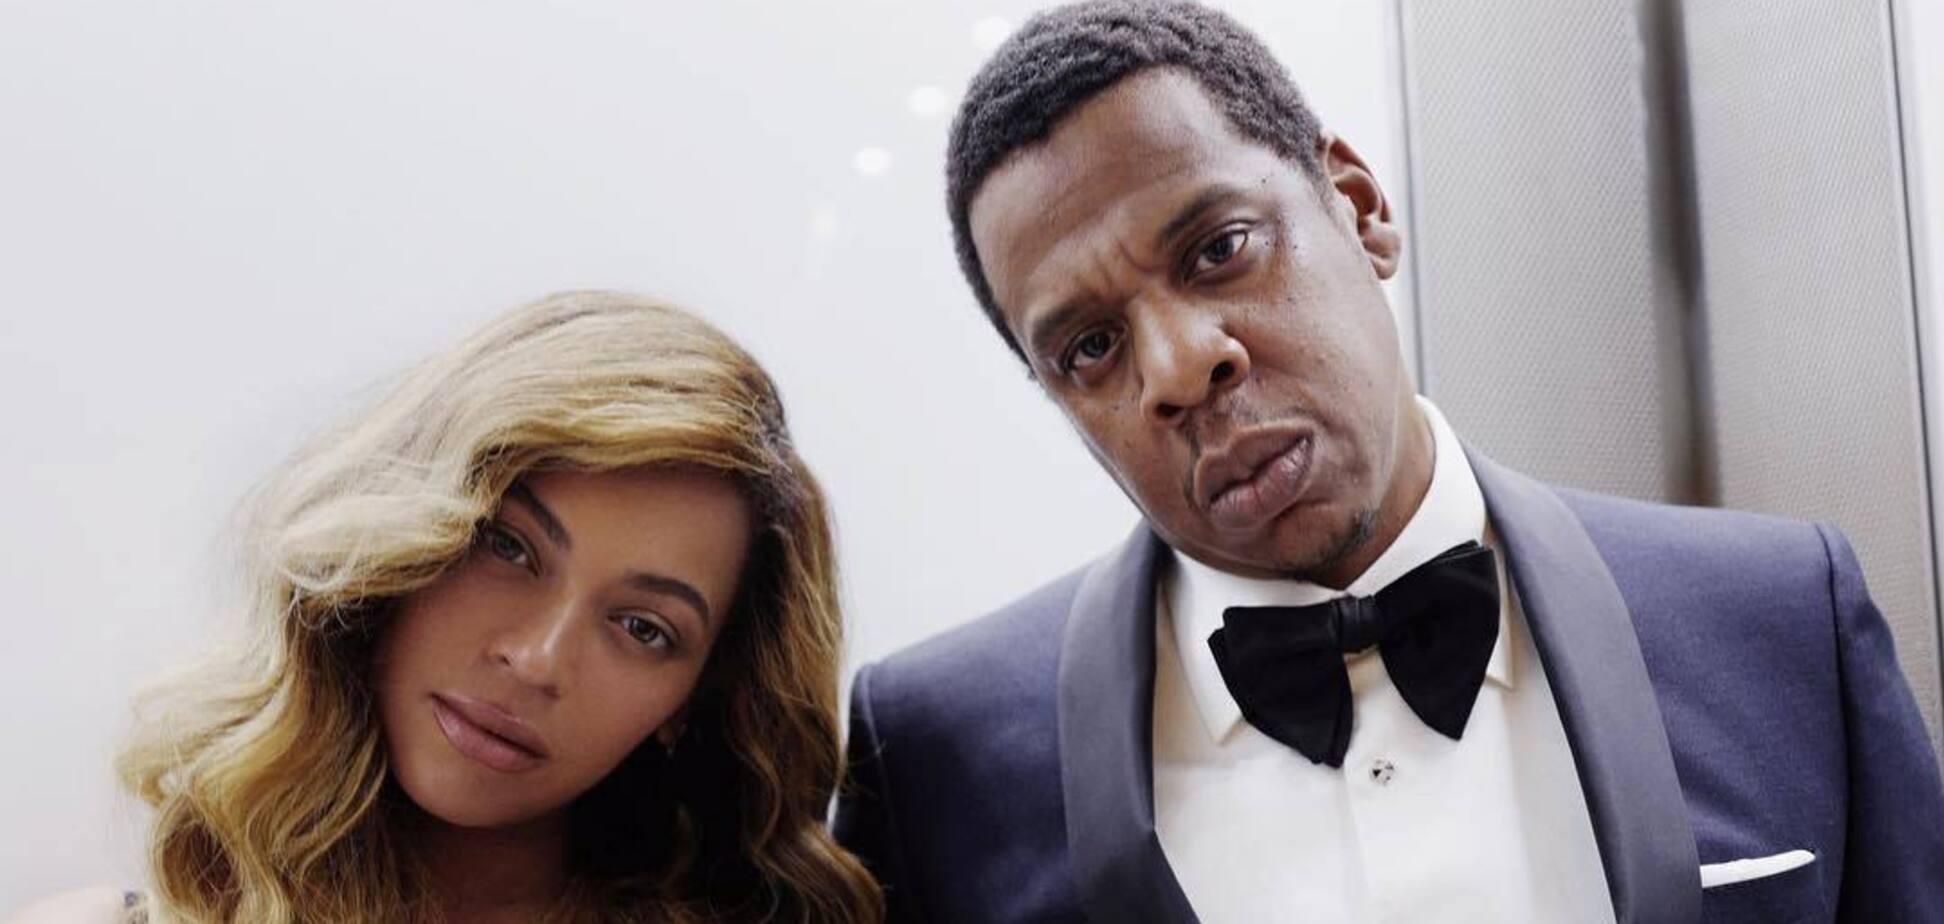 В особняке Бейонсе и Jay-Z начала 20 века случился пожар: подробности